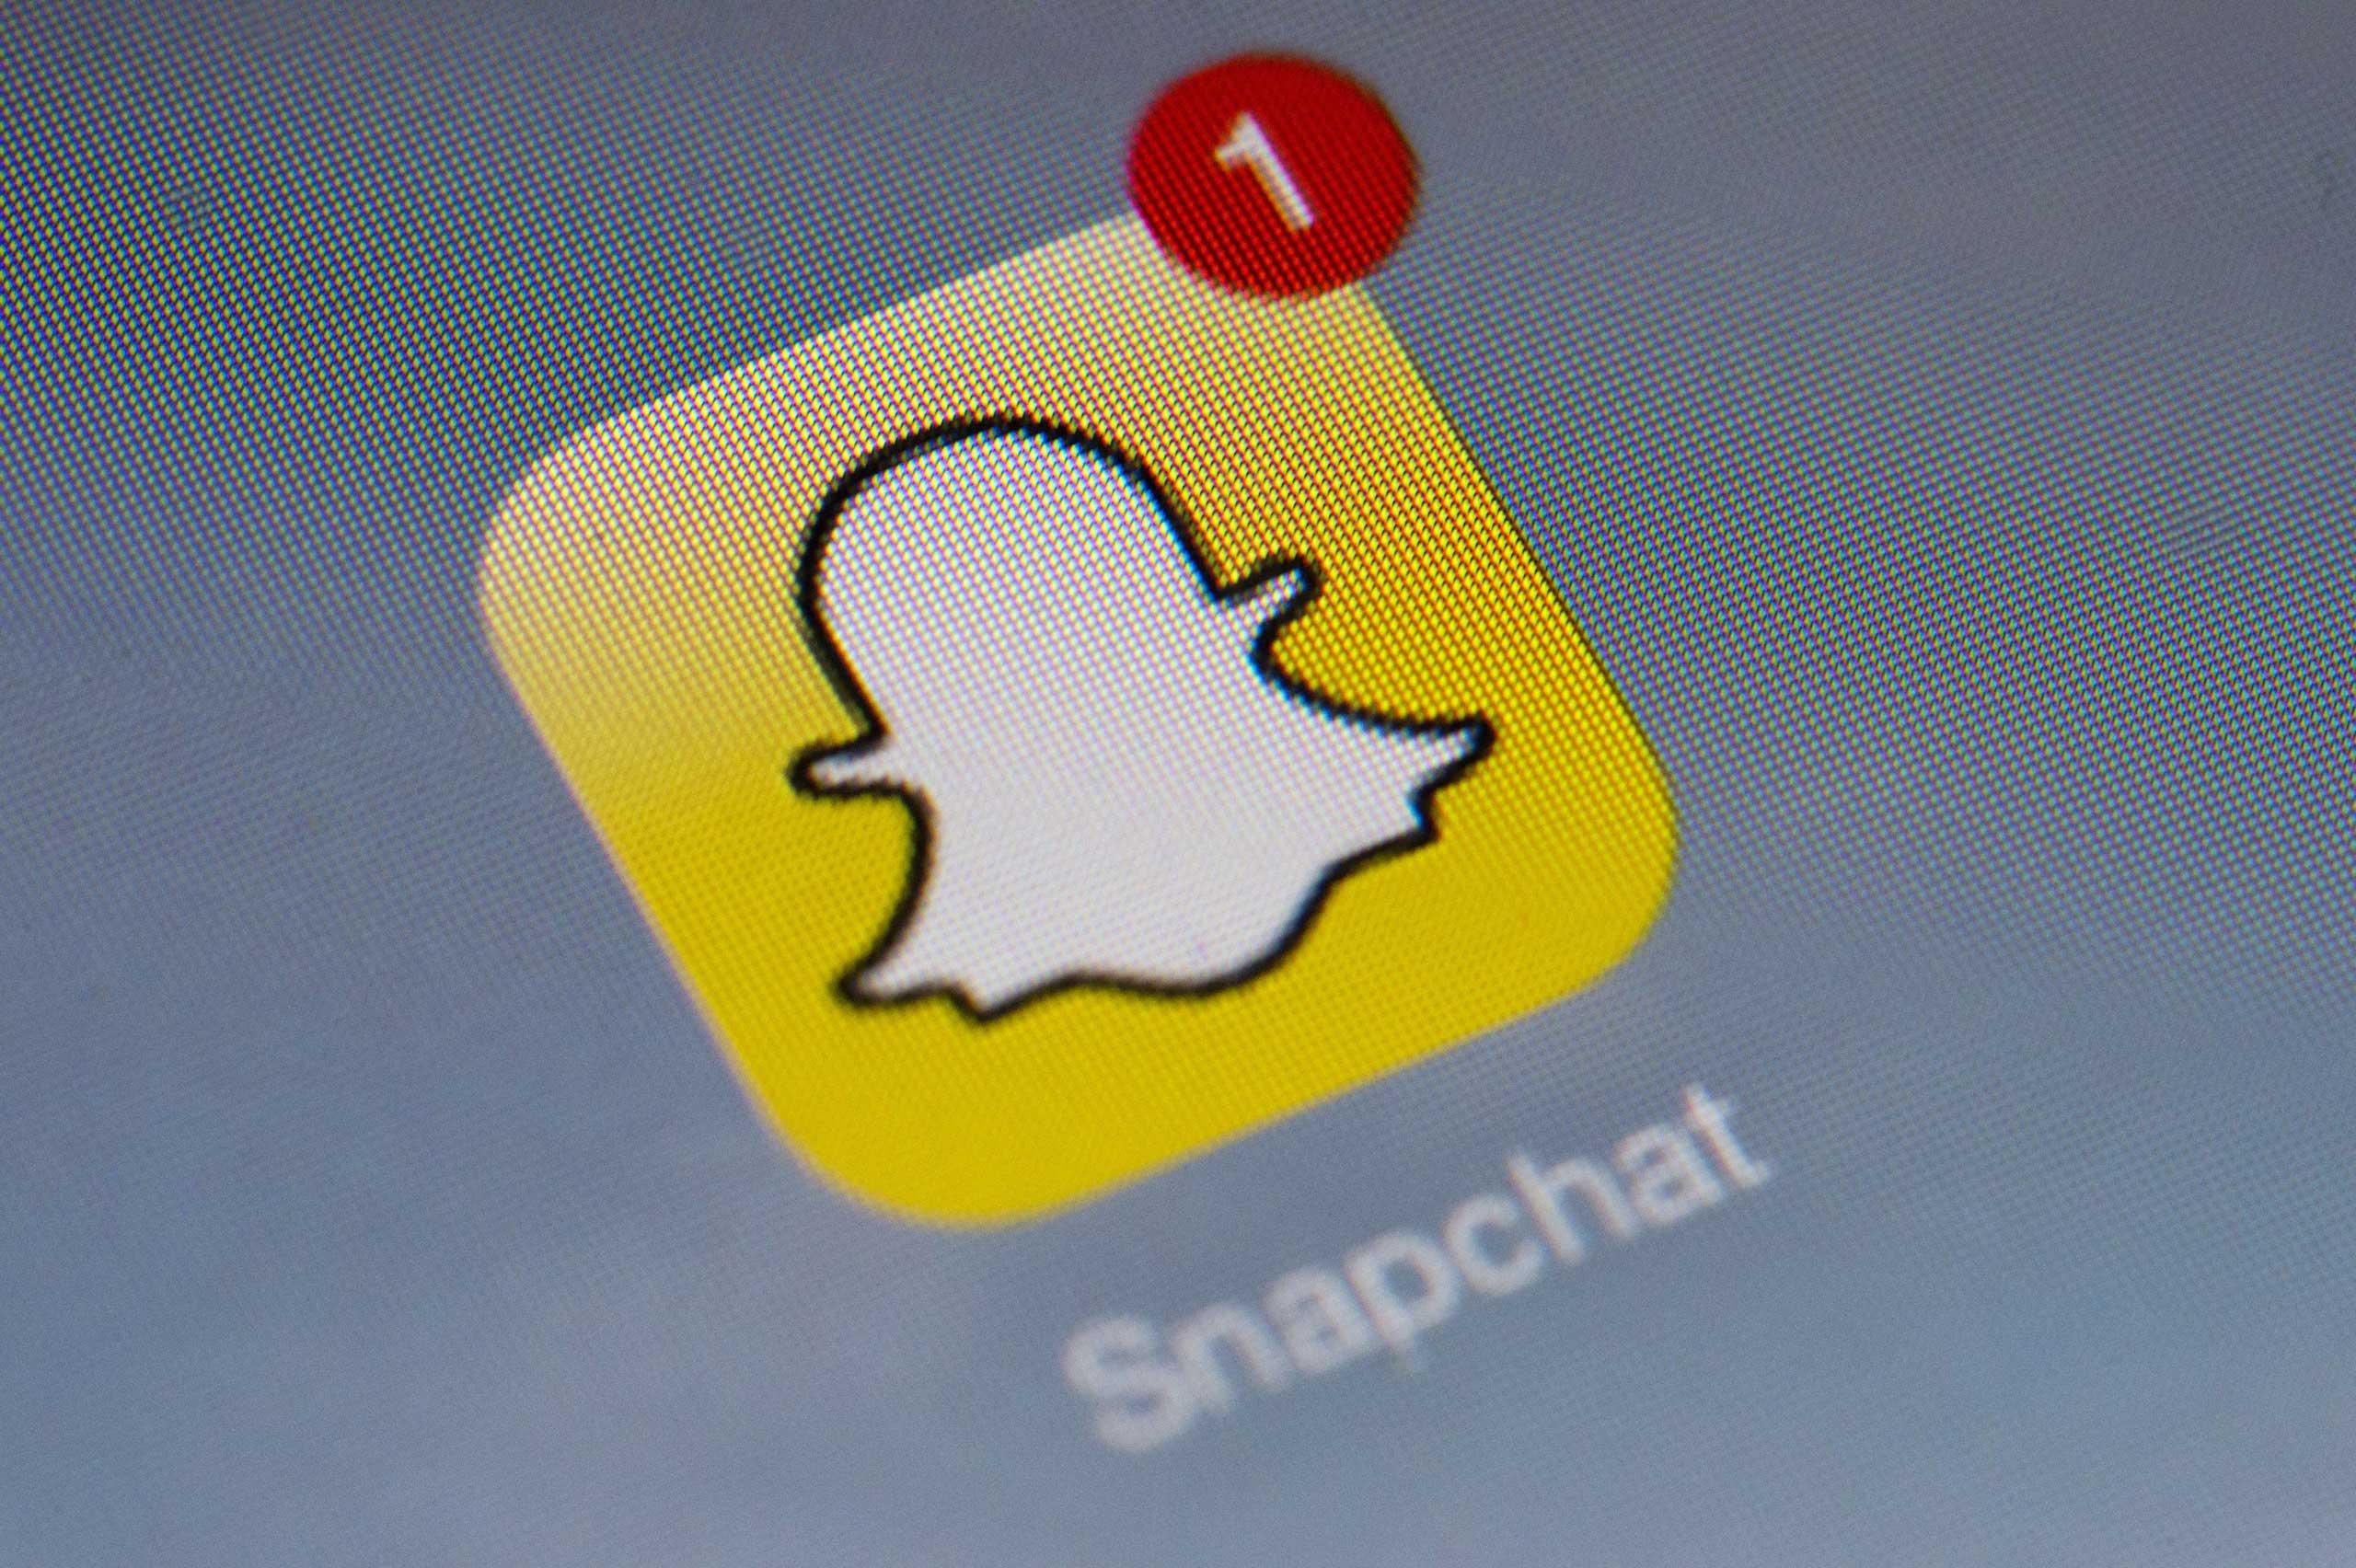 The logo of mobile app  Snapchat,  Jan. 2, 2014 in Paris.